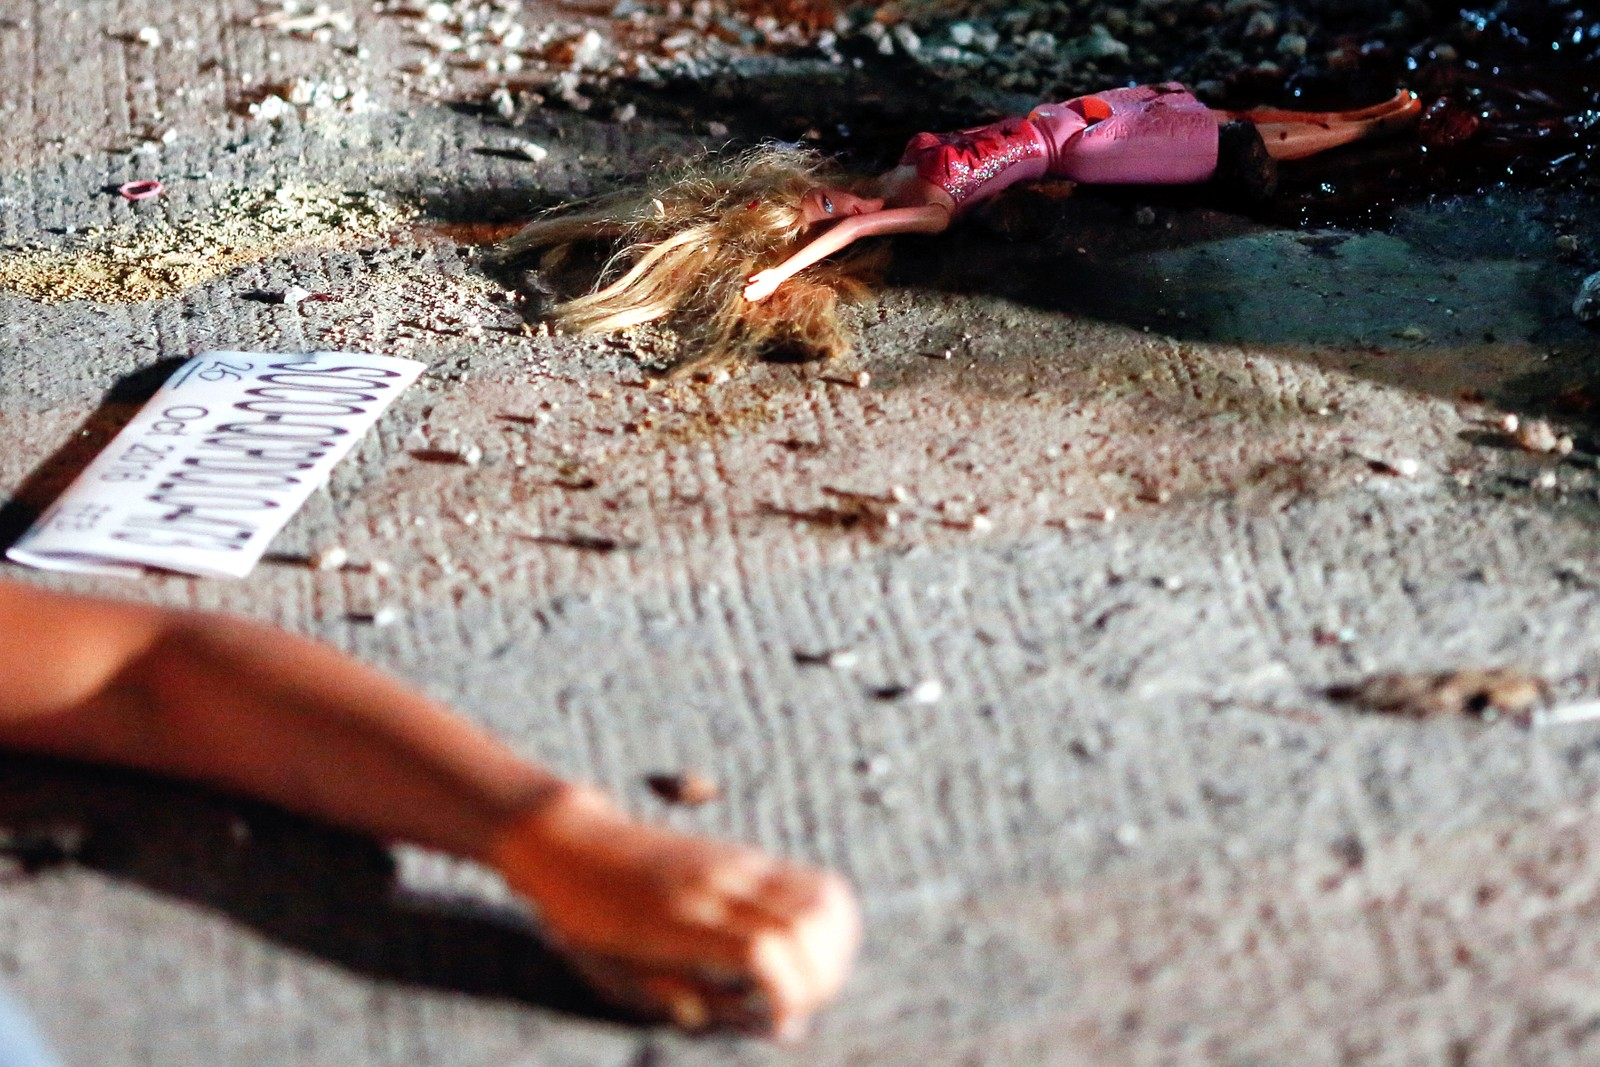 En 17 år gammel jente ligger ved siden av en Barbie-dukke etter at hun og vennen ble drept av ukjente gjerningsmenn. Ved siden av den døde kroppen til jentas venn, lå en lapp med påskriften «Du er en langer, du er et dyr».